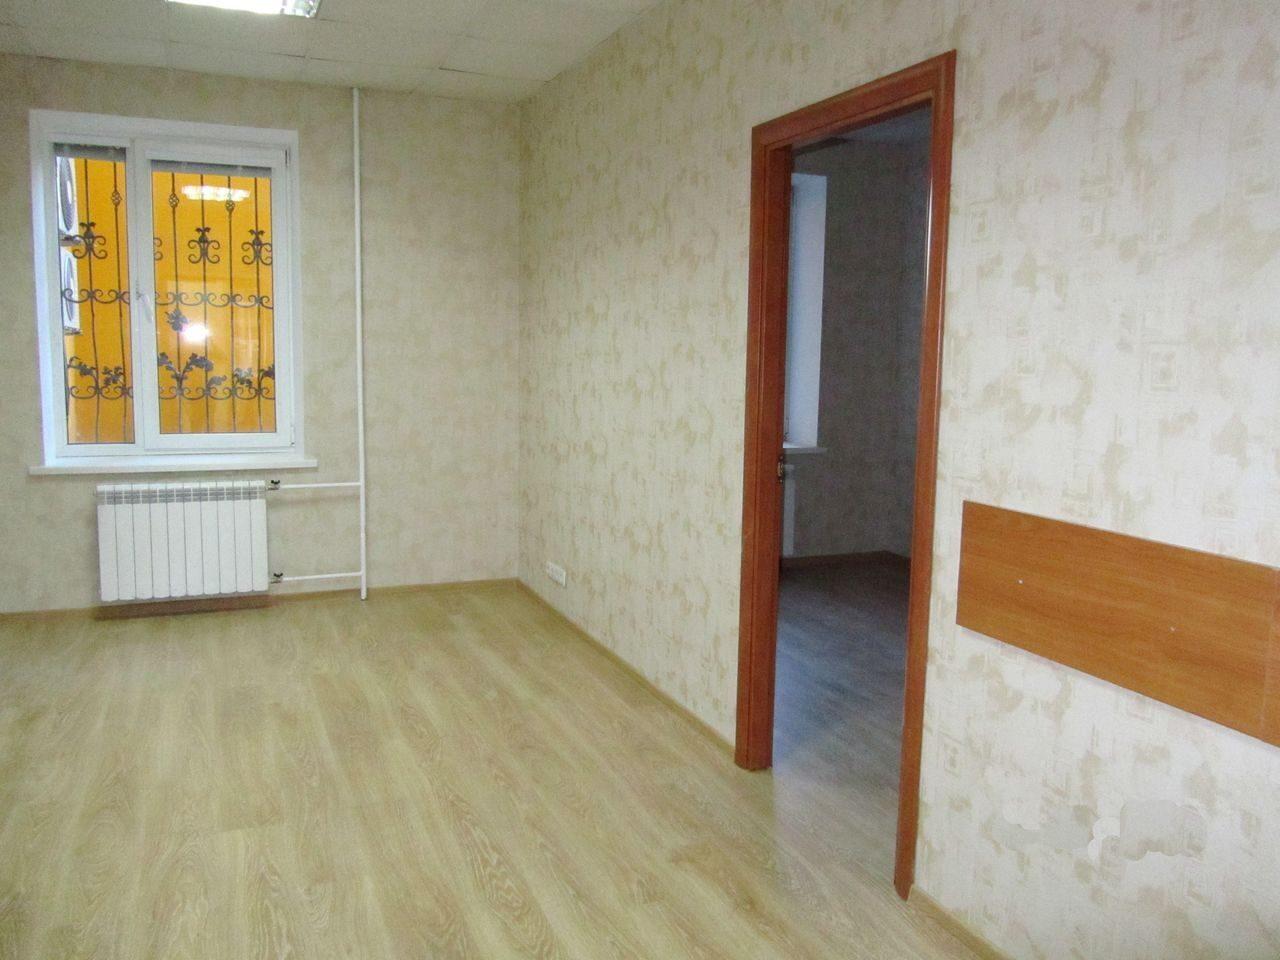 Аренда офисов судакова поиск офисных помещений Колобовский 2-й переулок